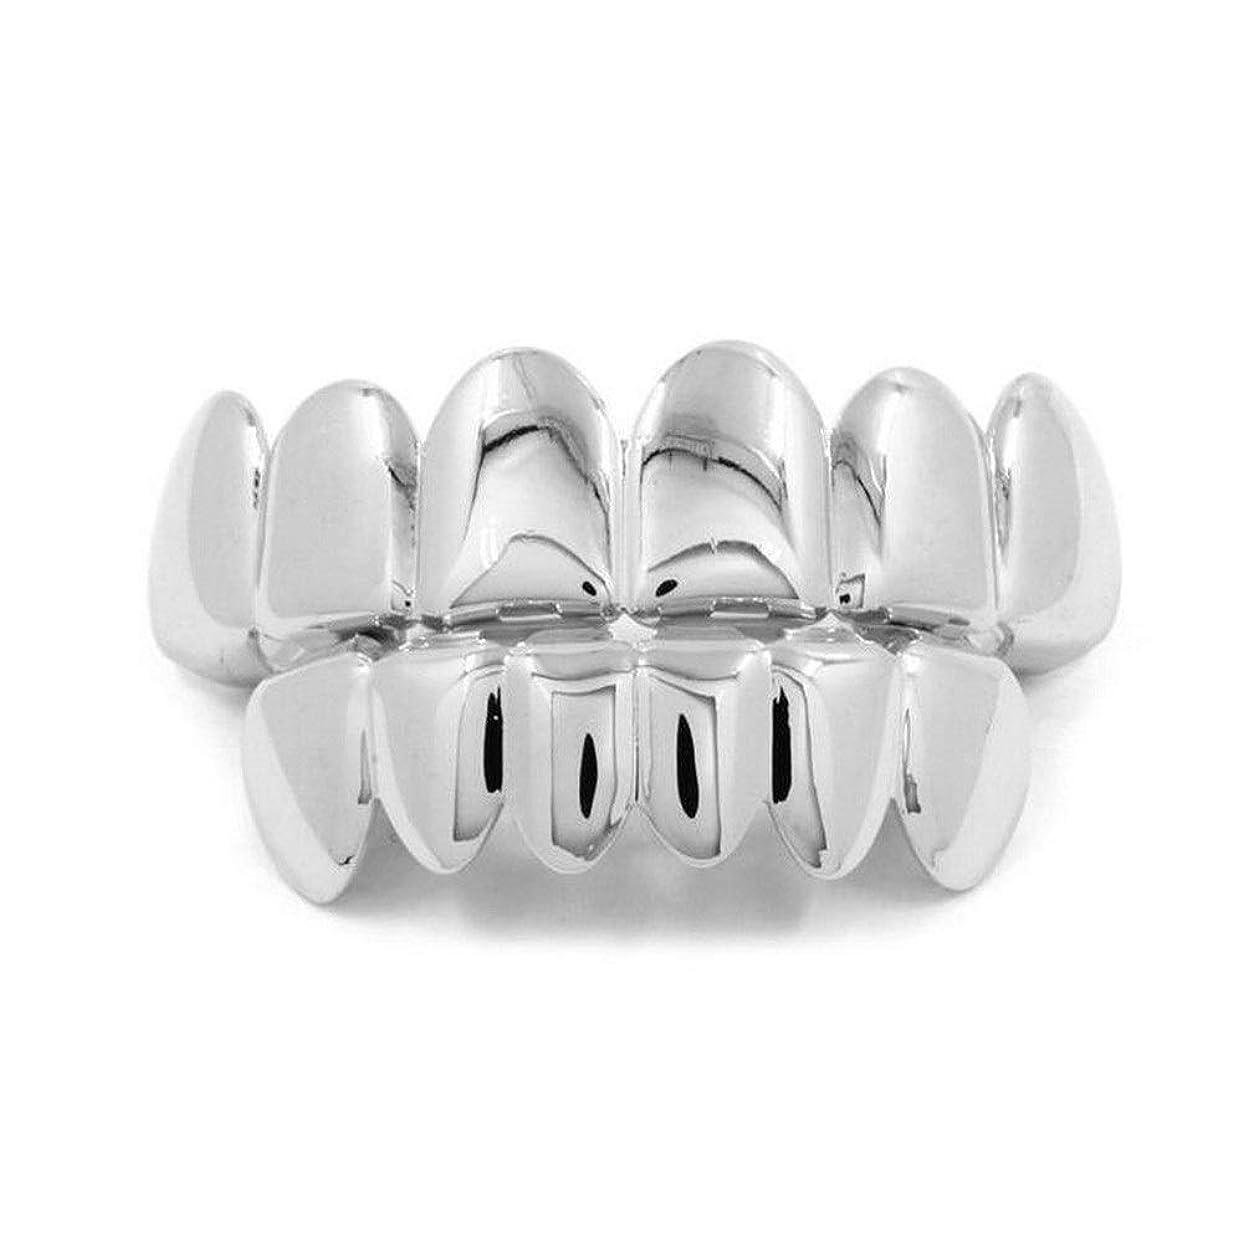 課す論理的バラ色ヨーロッパ系アメリカ人INS最もホットなヒップホップの歯キャップ、ゴールド&ブラック&シルバー歯ブレースゴールドプレート口の歯 (Color : Silver)